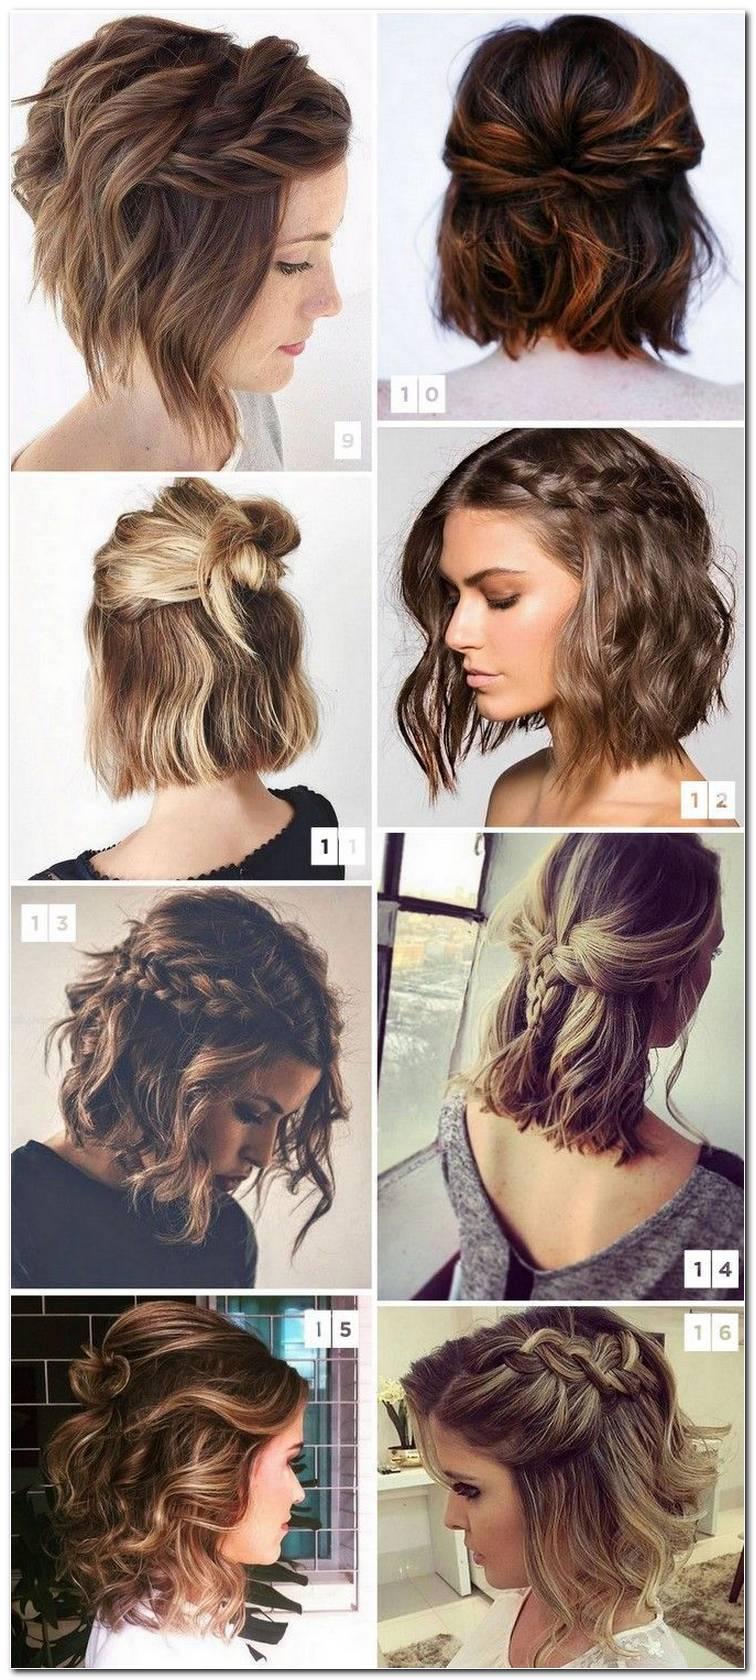 Frisur Hochzeitsgast Kurze Haare